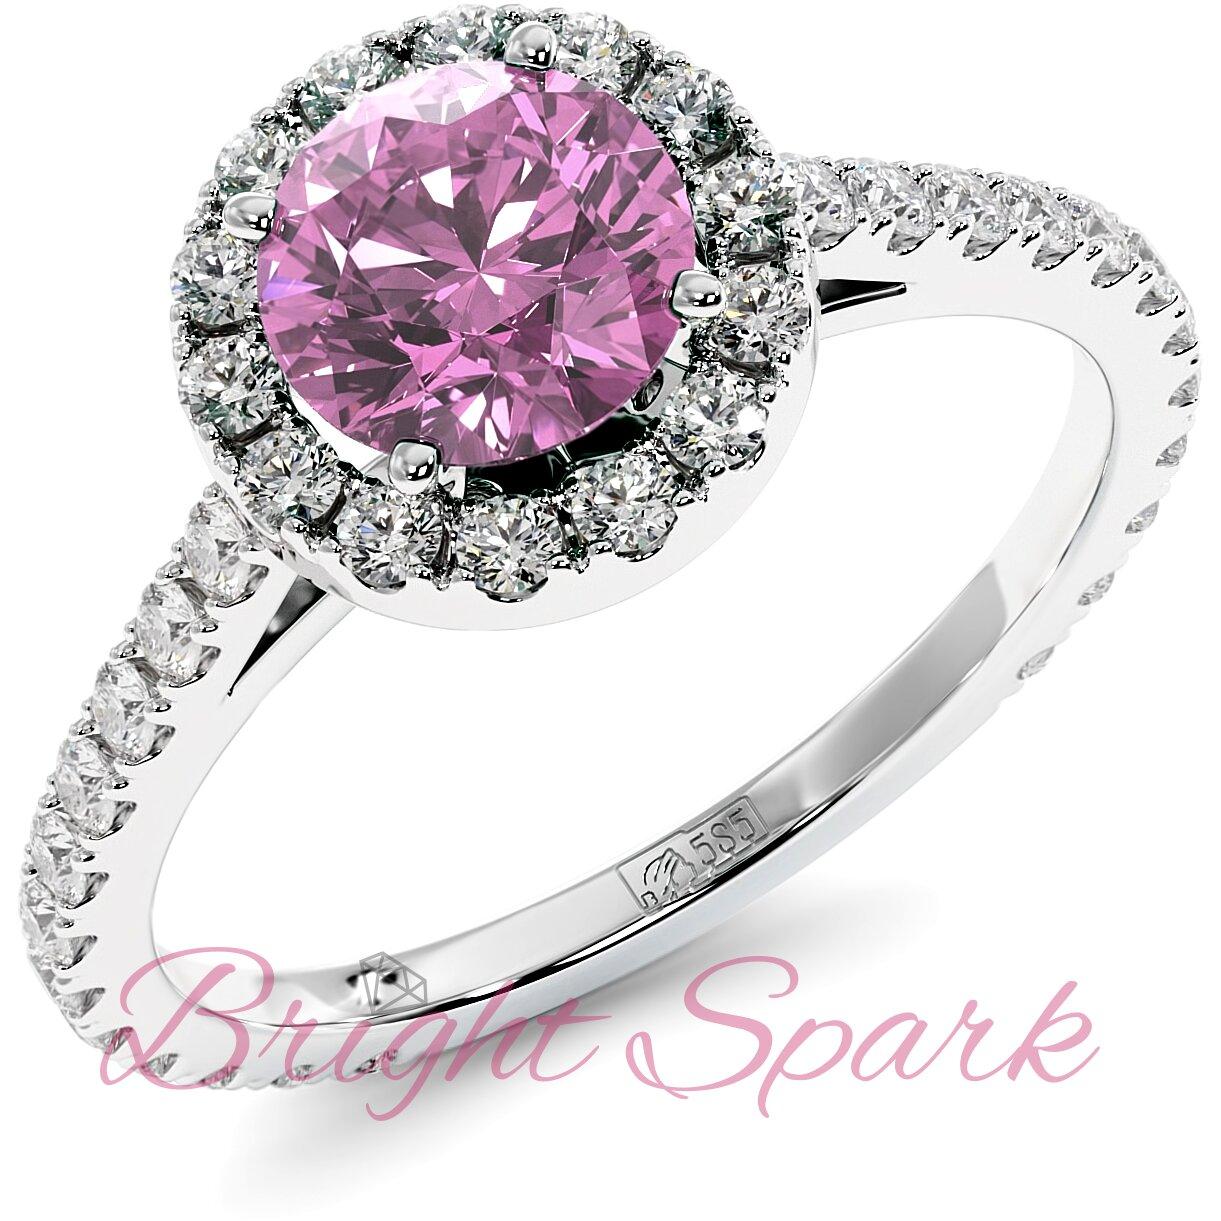 Помолвочное кольцо белого золота с розовым сапфиром 1,2 карата, ореолом и дорожкой